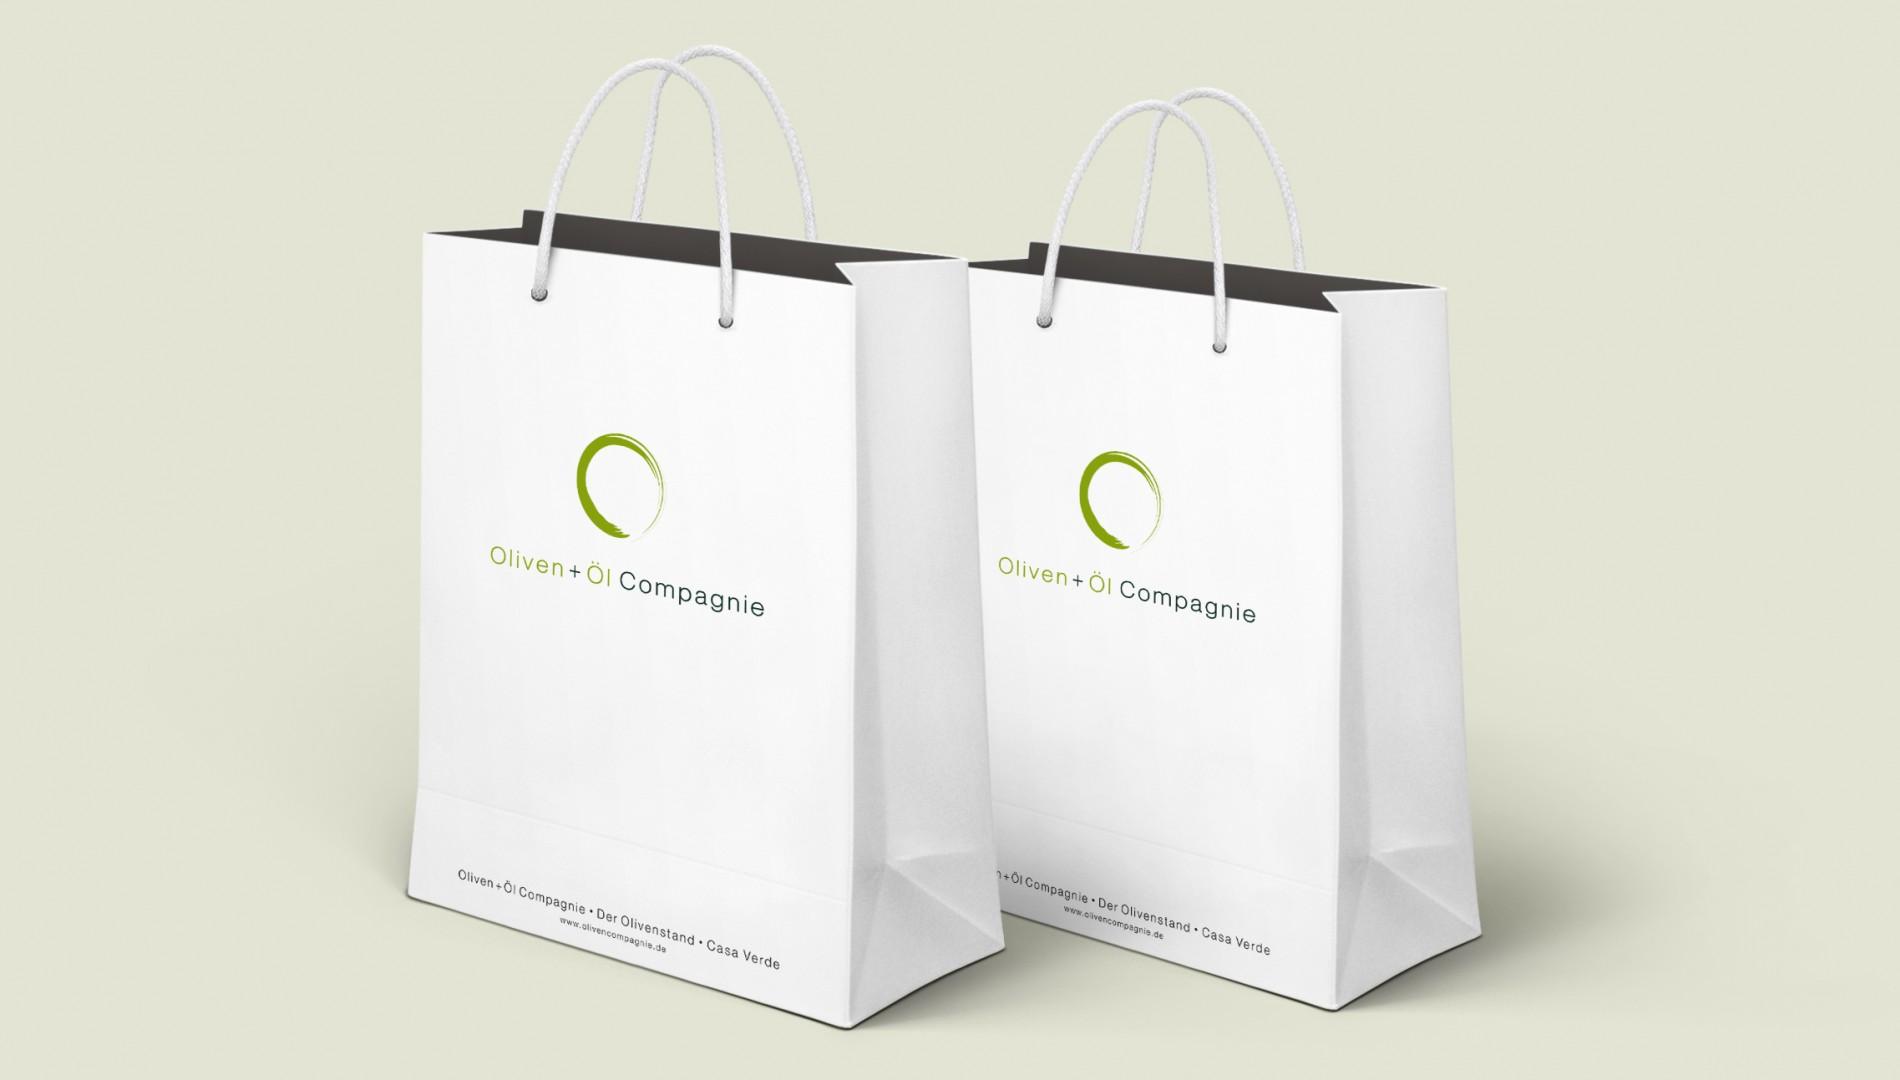 Corporate Design und Packaging für die Oliven + Öl Compagnie aus Memmingen von der Designagentur das formt aus München